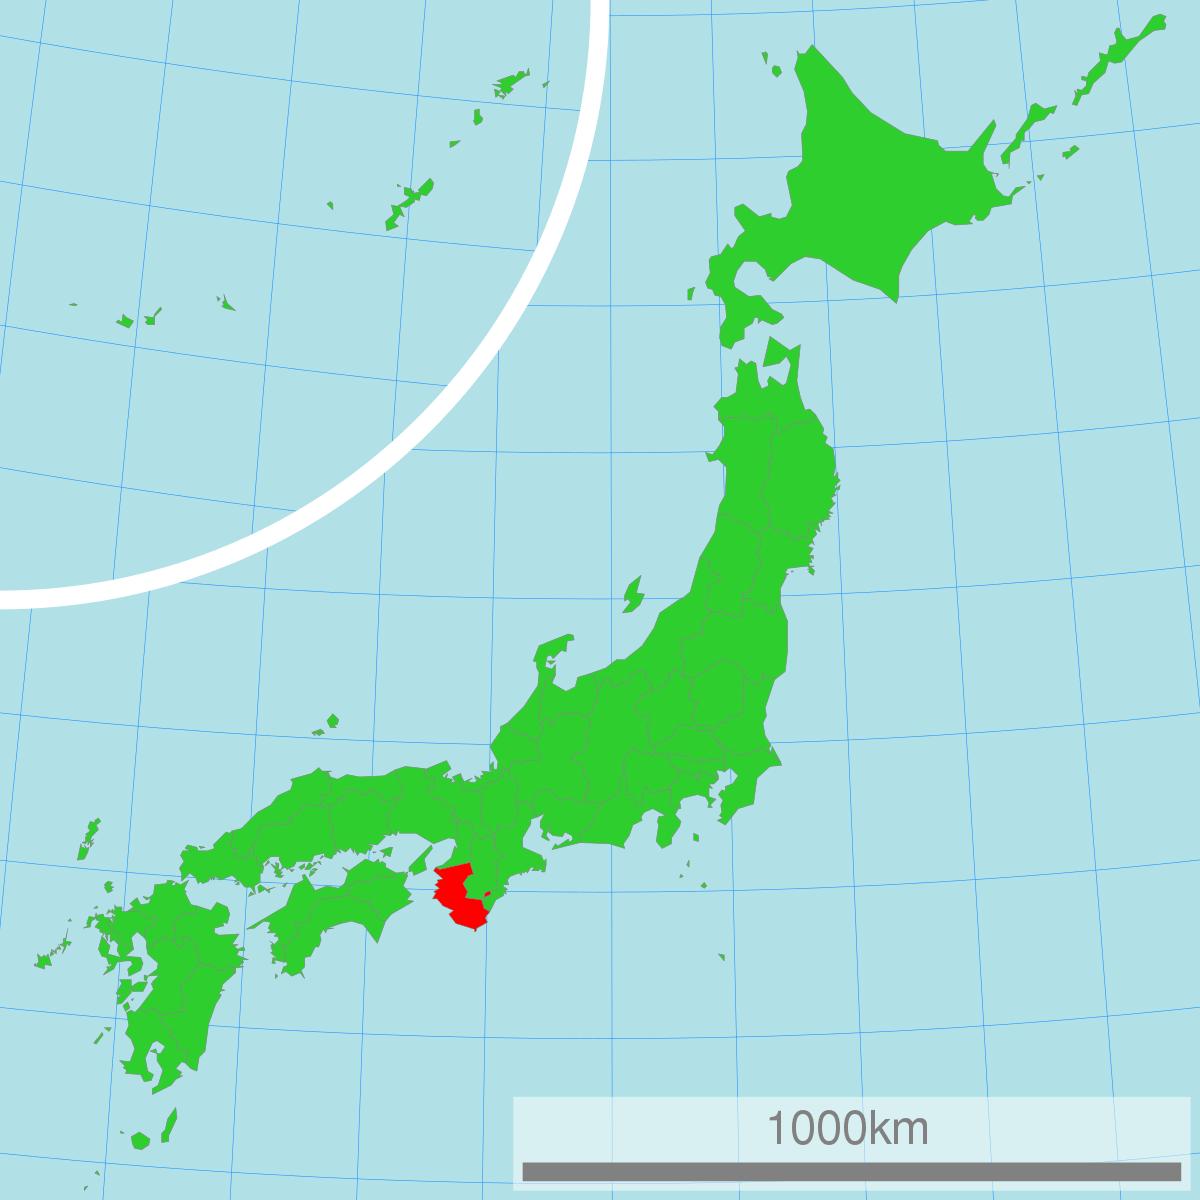 Vị trí của tỉnh Aichi trên bản đồ